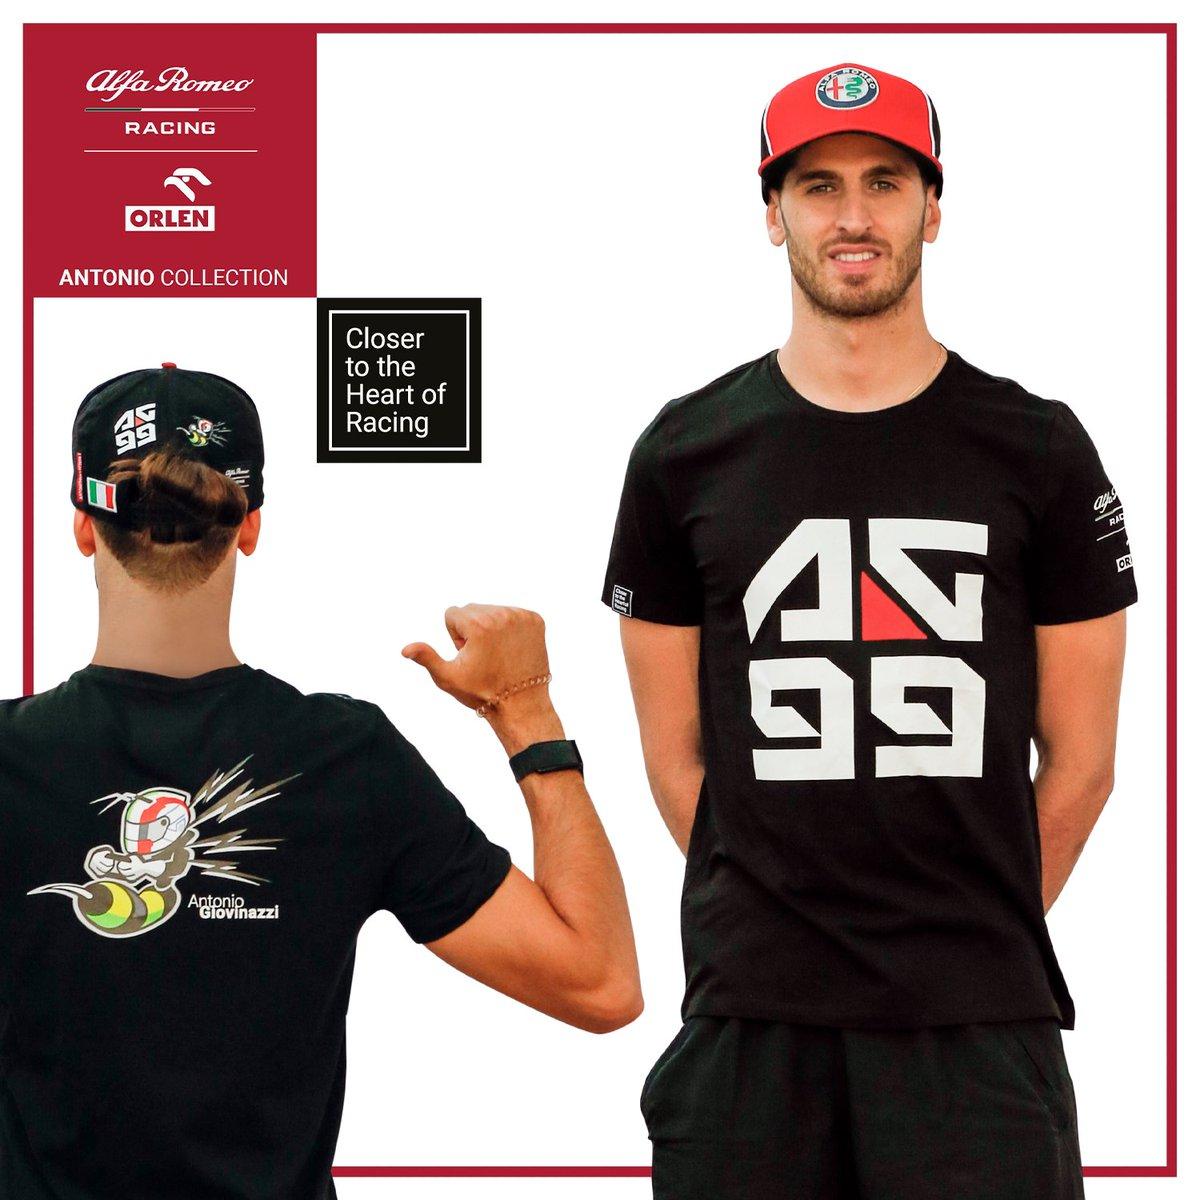 🐝 Antonio Collection - Out Now 🐝 #tuttipazzipergiovinazzi date uno sguardo da vicino alla t-shirt che abbiamo realizzato per @Anto_Giovinazzi  e l'@alfaromeoracing. Una collezione interamente progettata da Italiani per l'Italia e tutti i tifosi di Antonio in #f1 🇮🇹 https://t.co/JNxbTOksLt